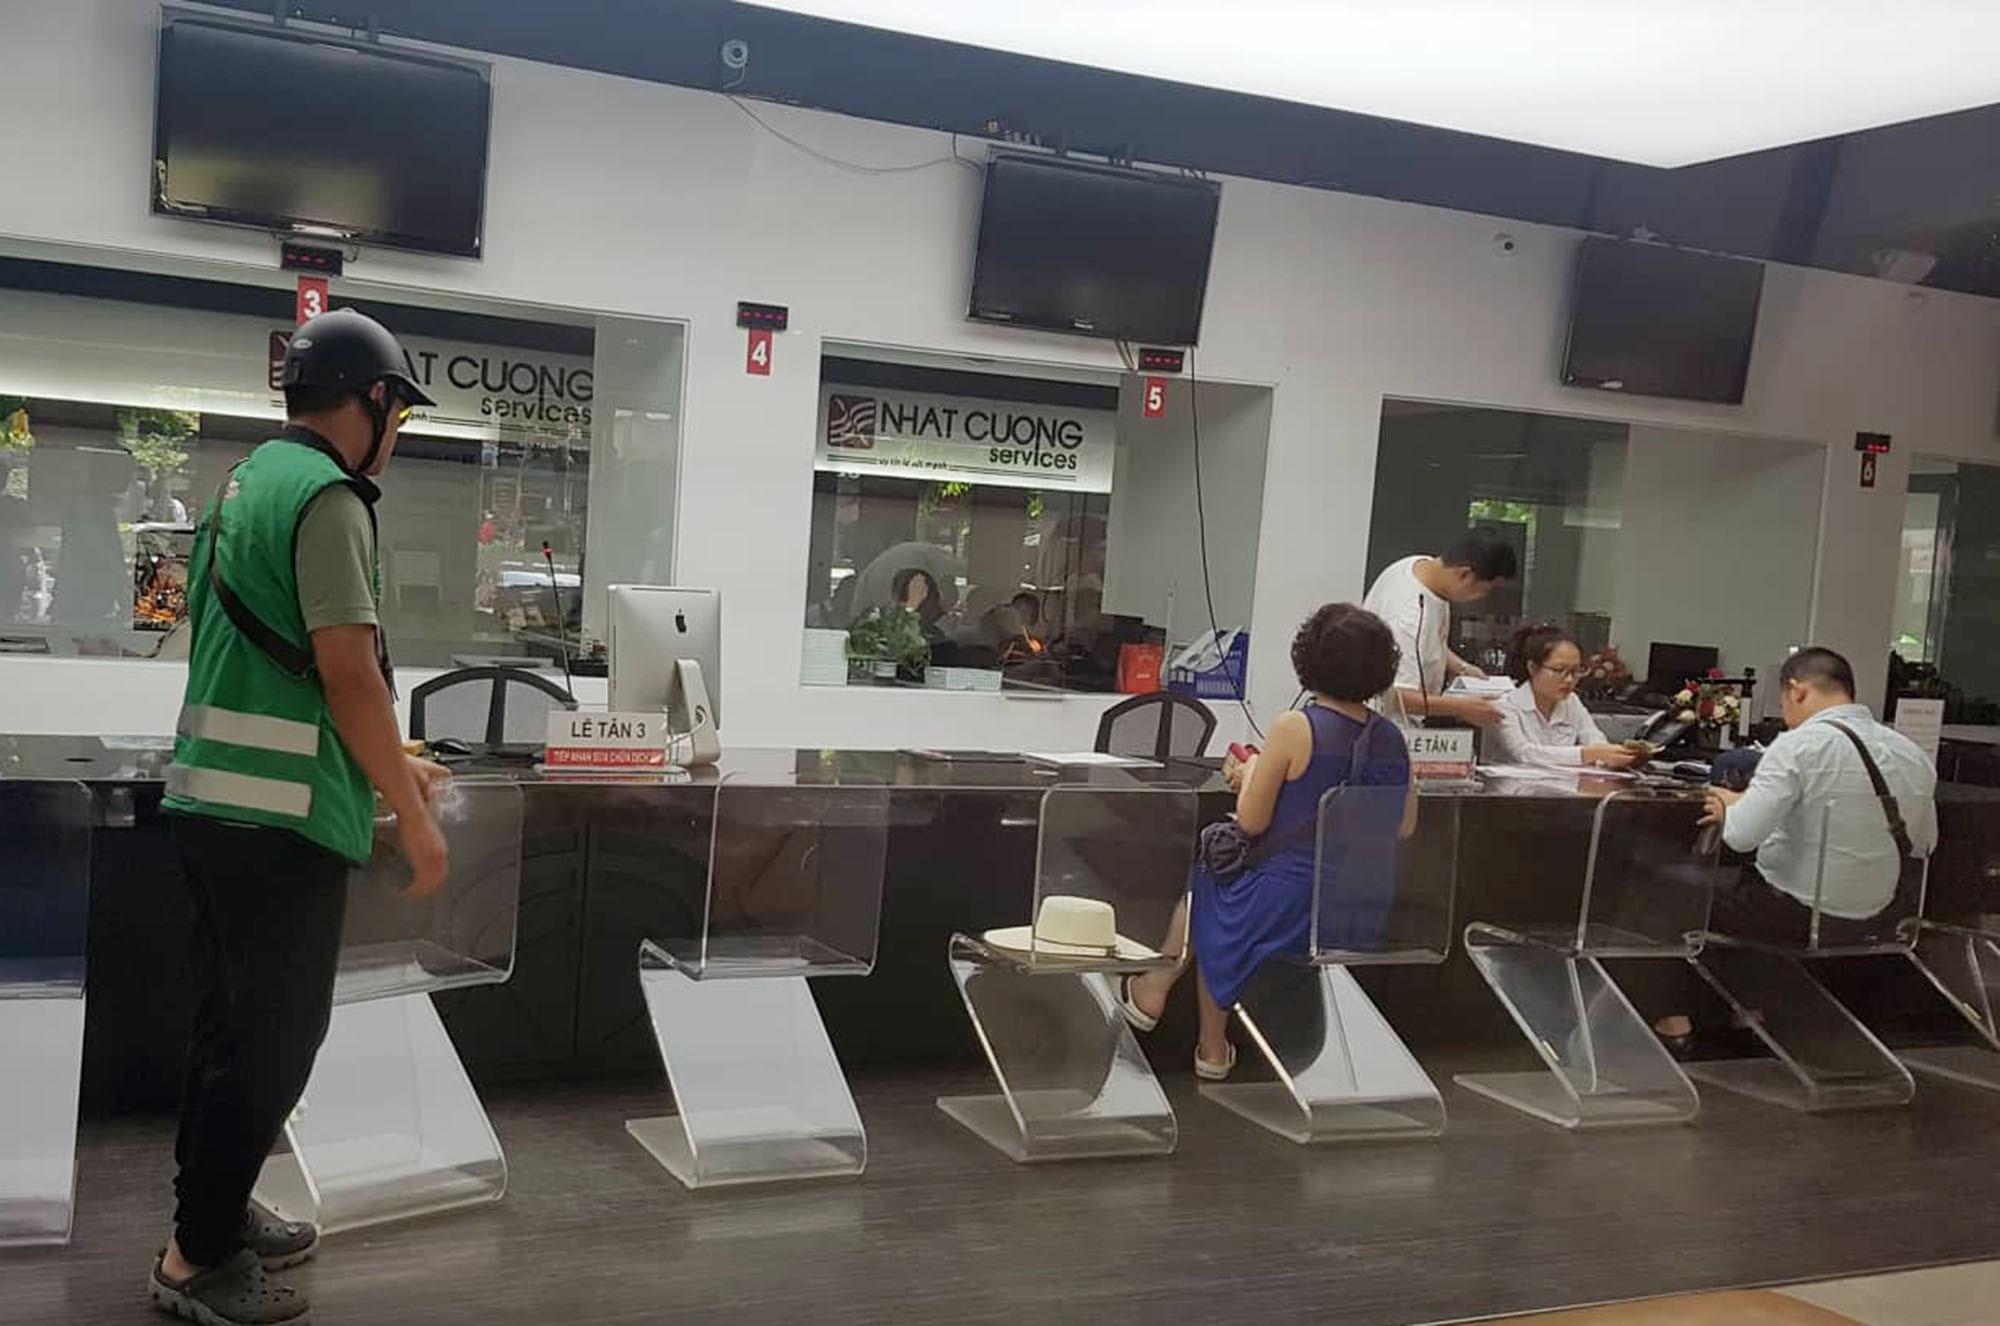 Trung tâm bảo hành Nhật Cường Mobile vẫn đón khách sau khi ông chủ bị khởi tố - Ảnh 4.